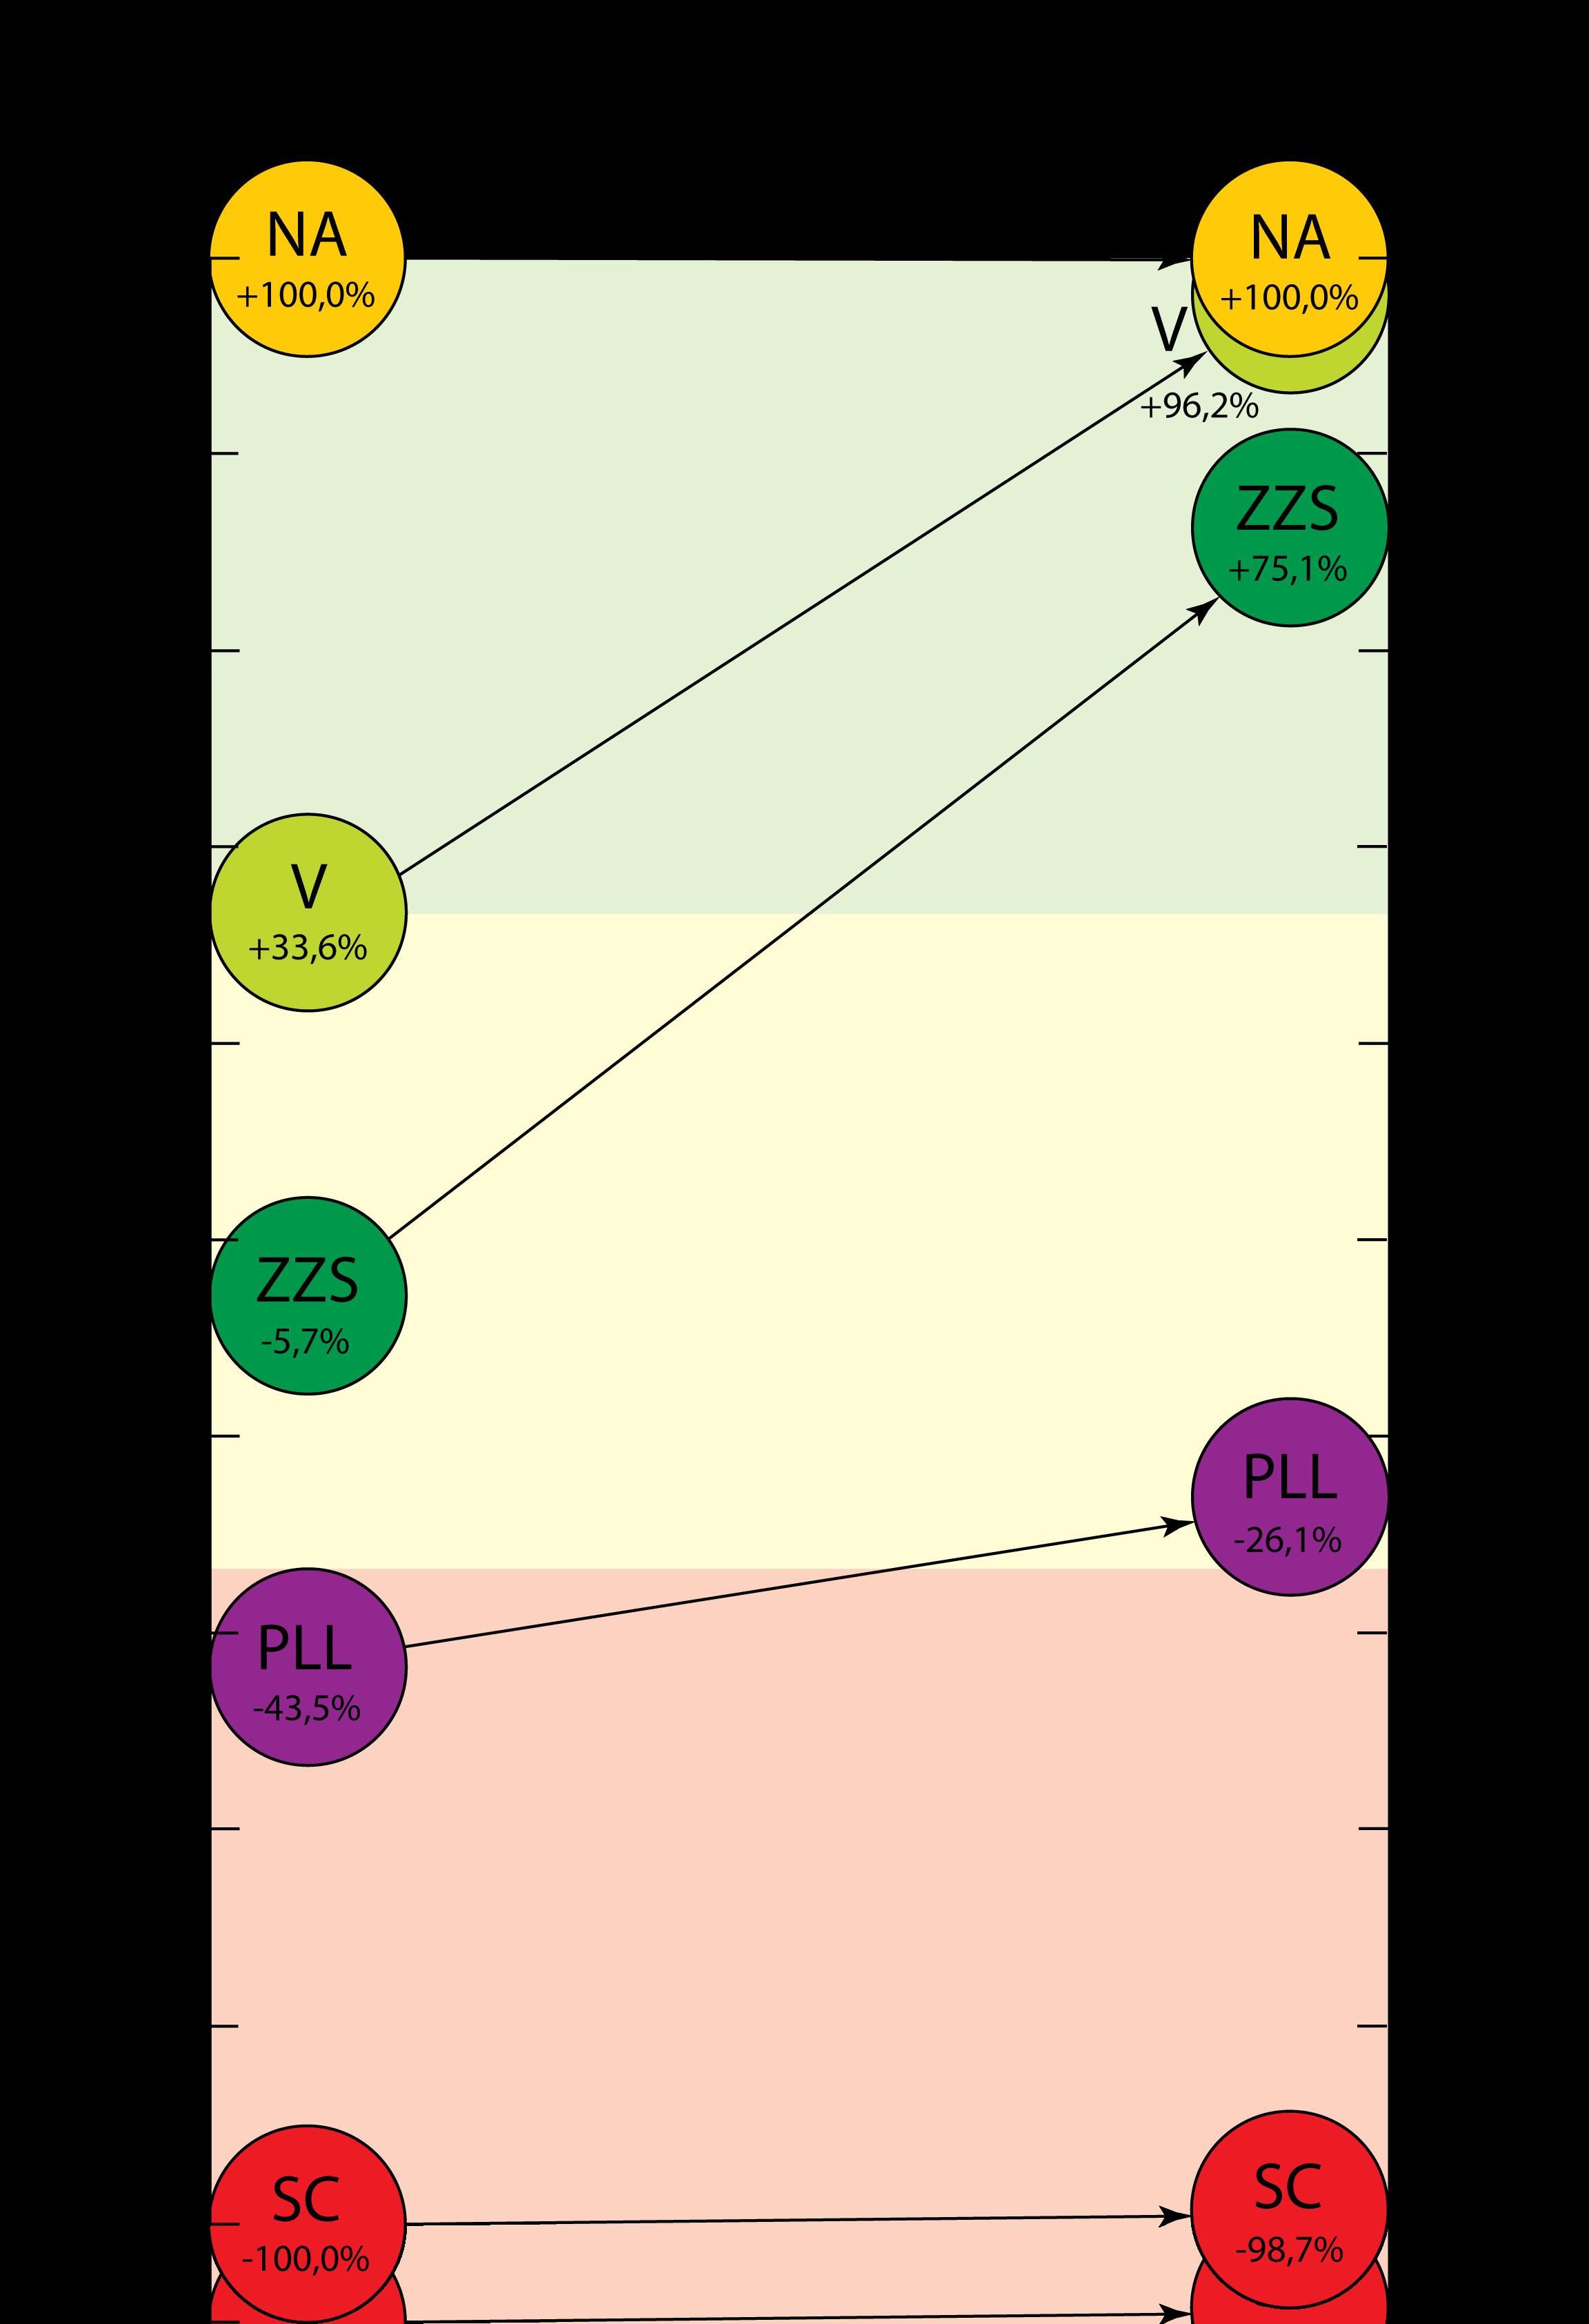 Frakciju latviskums pirms un pēc rīkojums nr.2